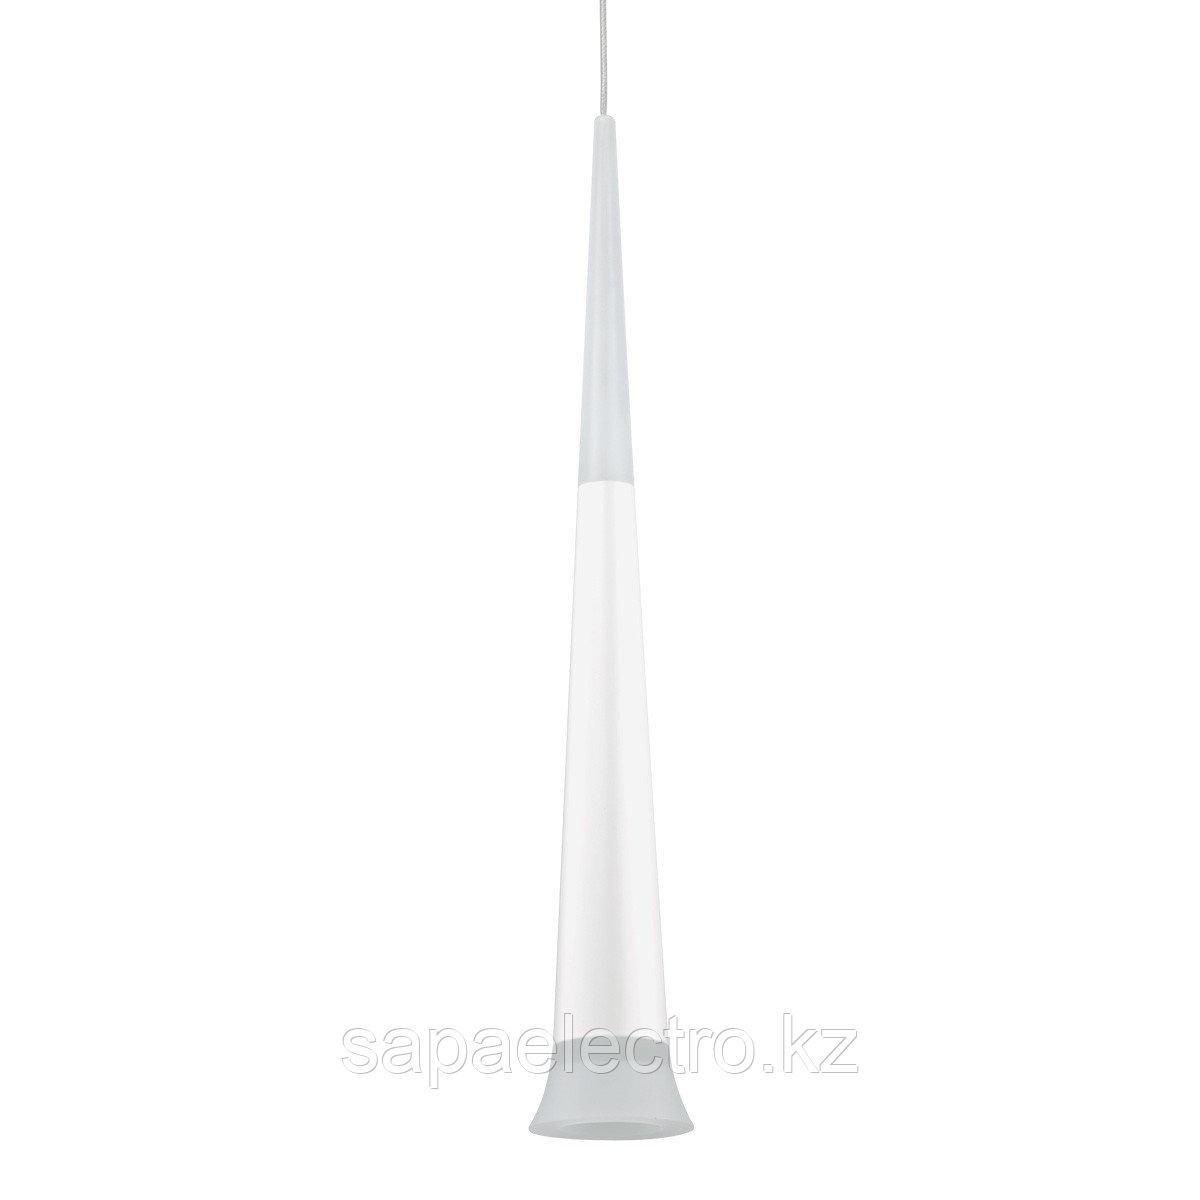 Люстра LED BRIS 50624P 7W 4000K (ASYA-AVIZE)6шт